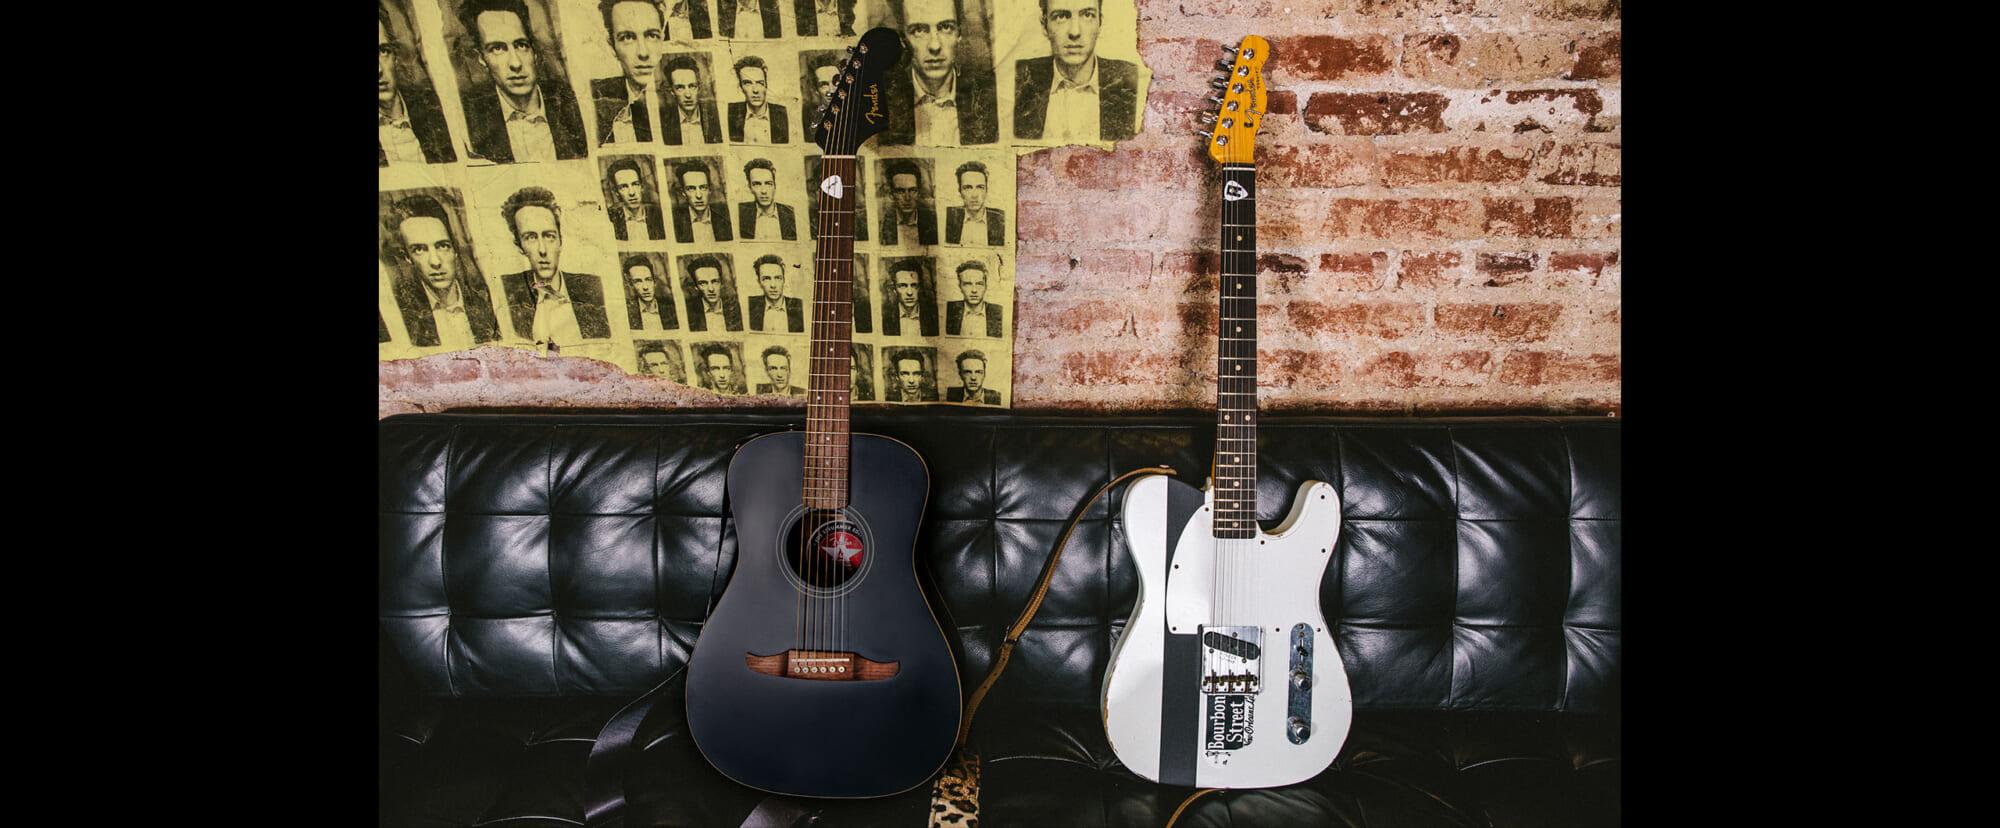 ジョー・ストラマーの名を冠した2本のギターがフェンダーより登場